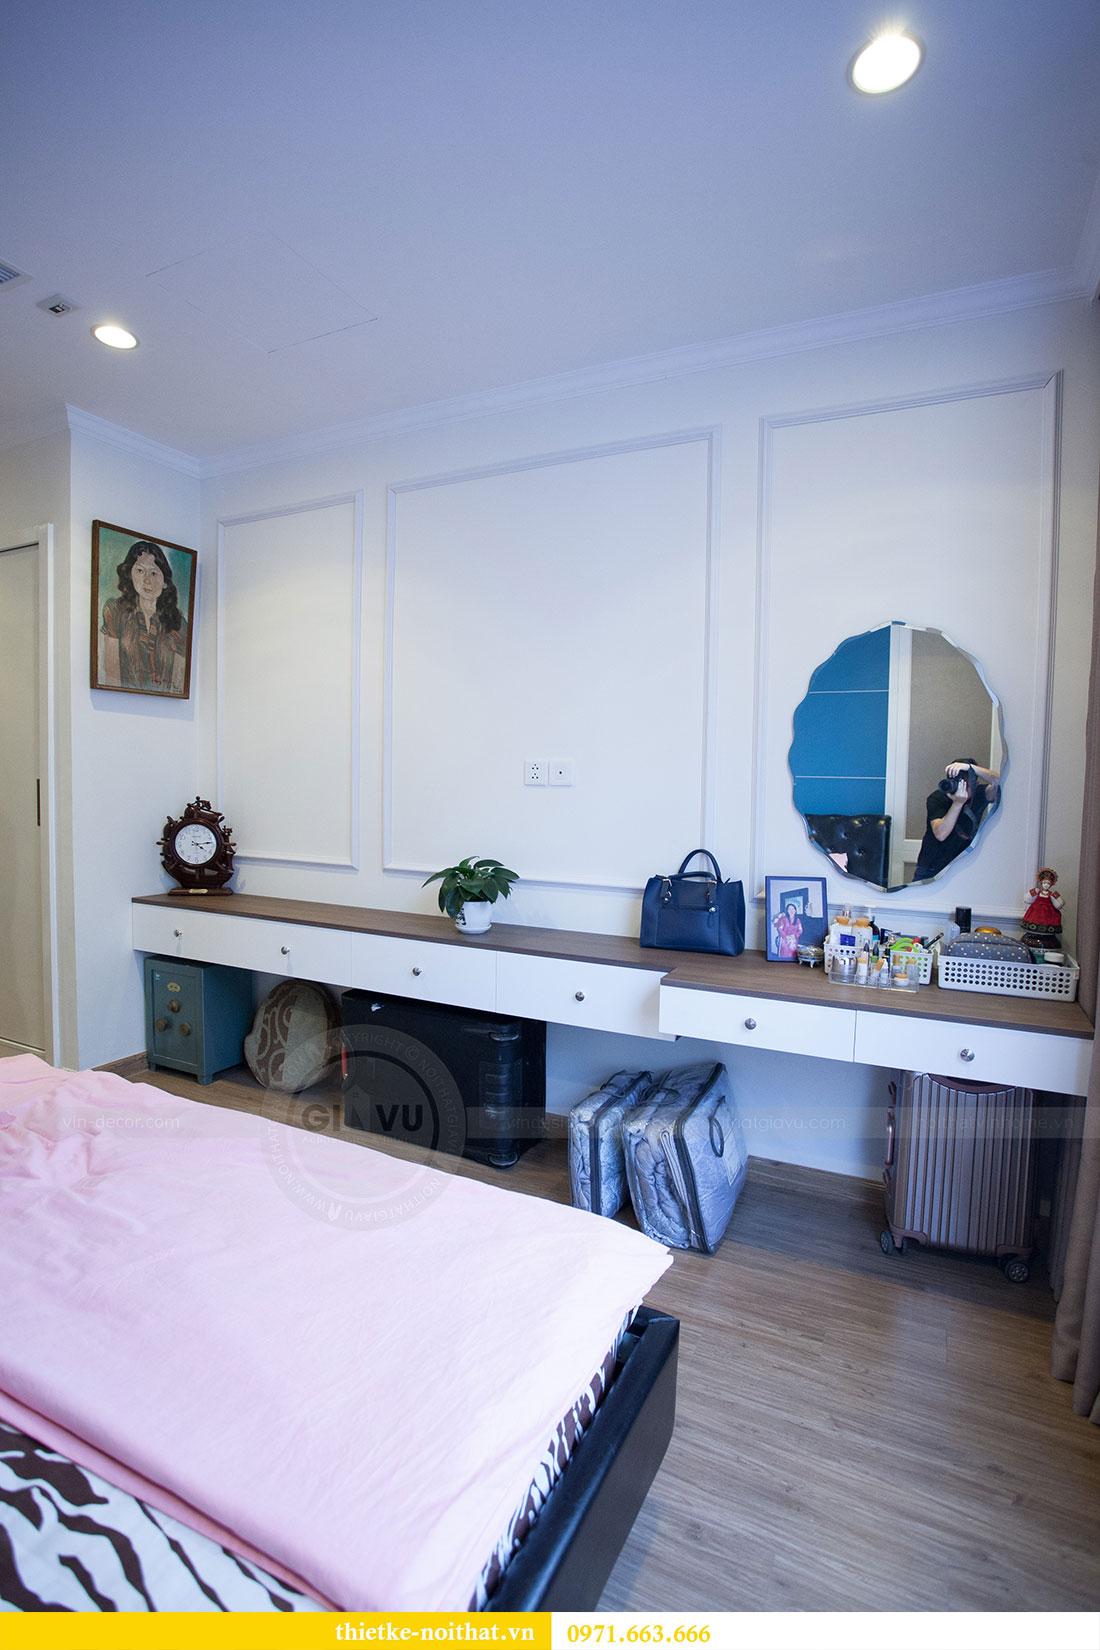 Hoàn thiện nội thất chung cư Park Hill nhà nhạc sỹ Nguyễn Cường 21